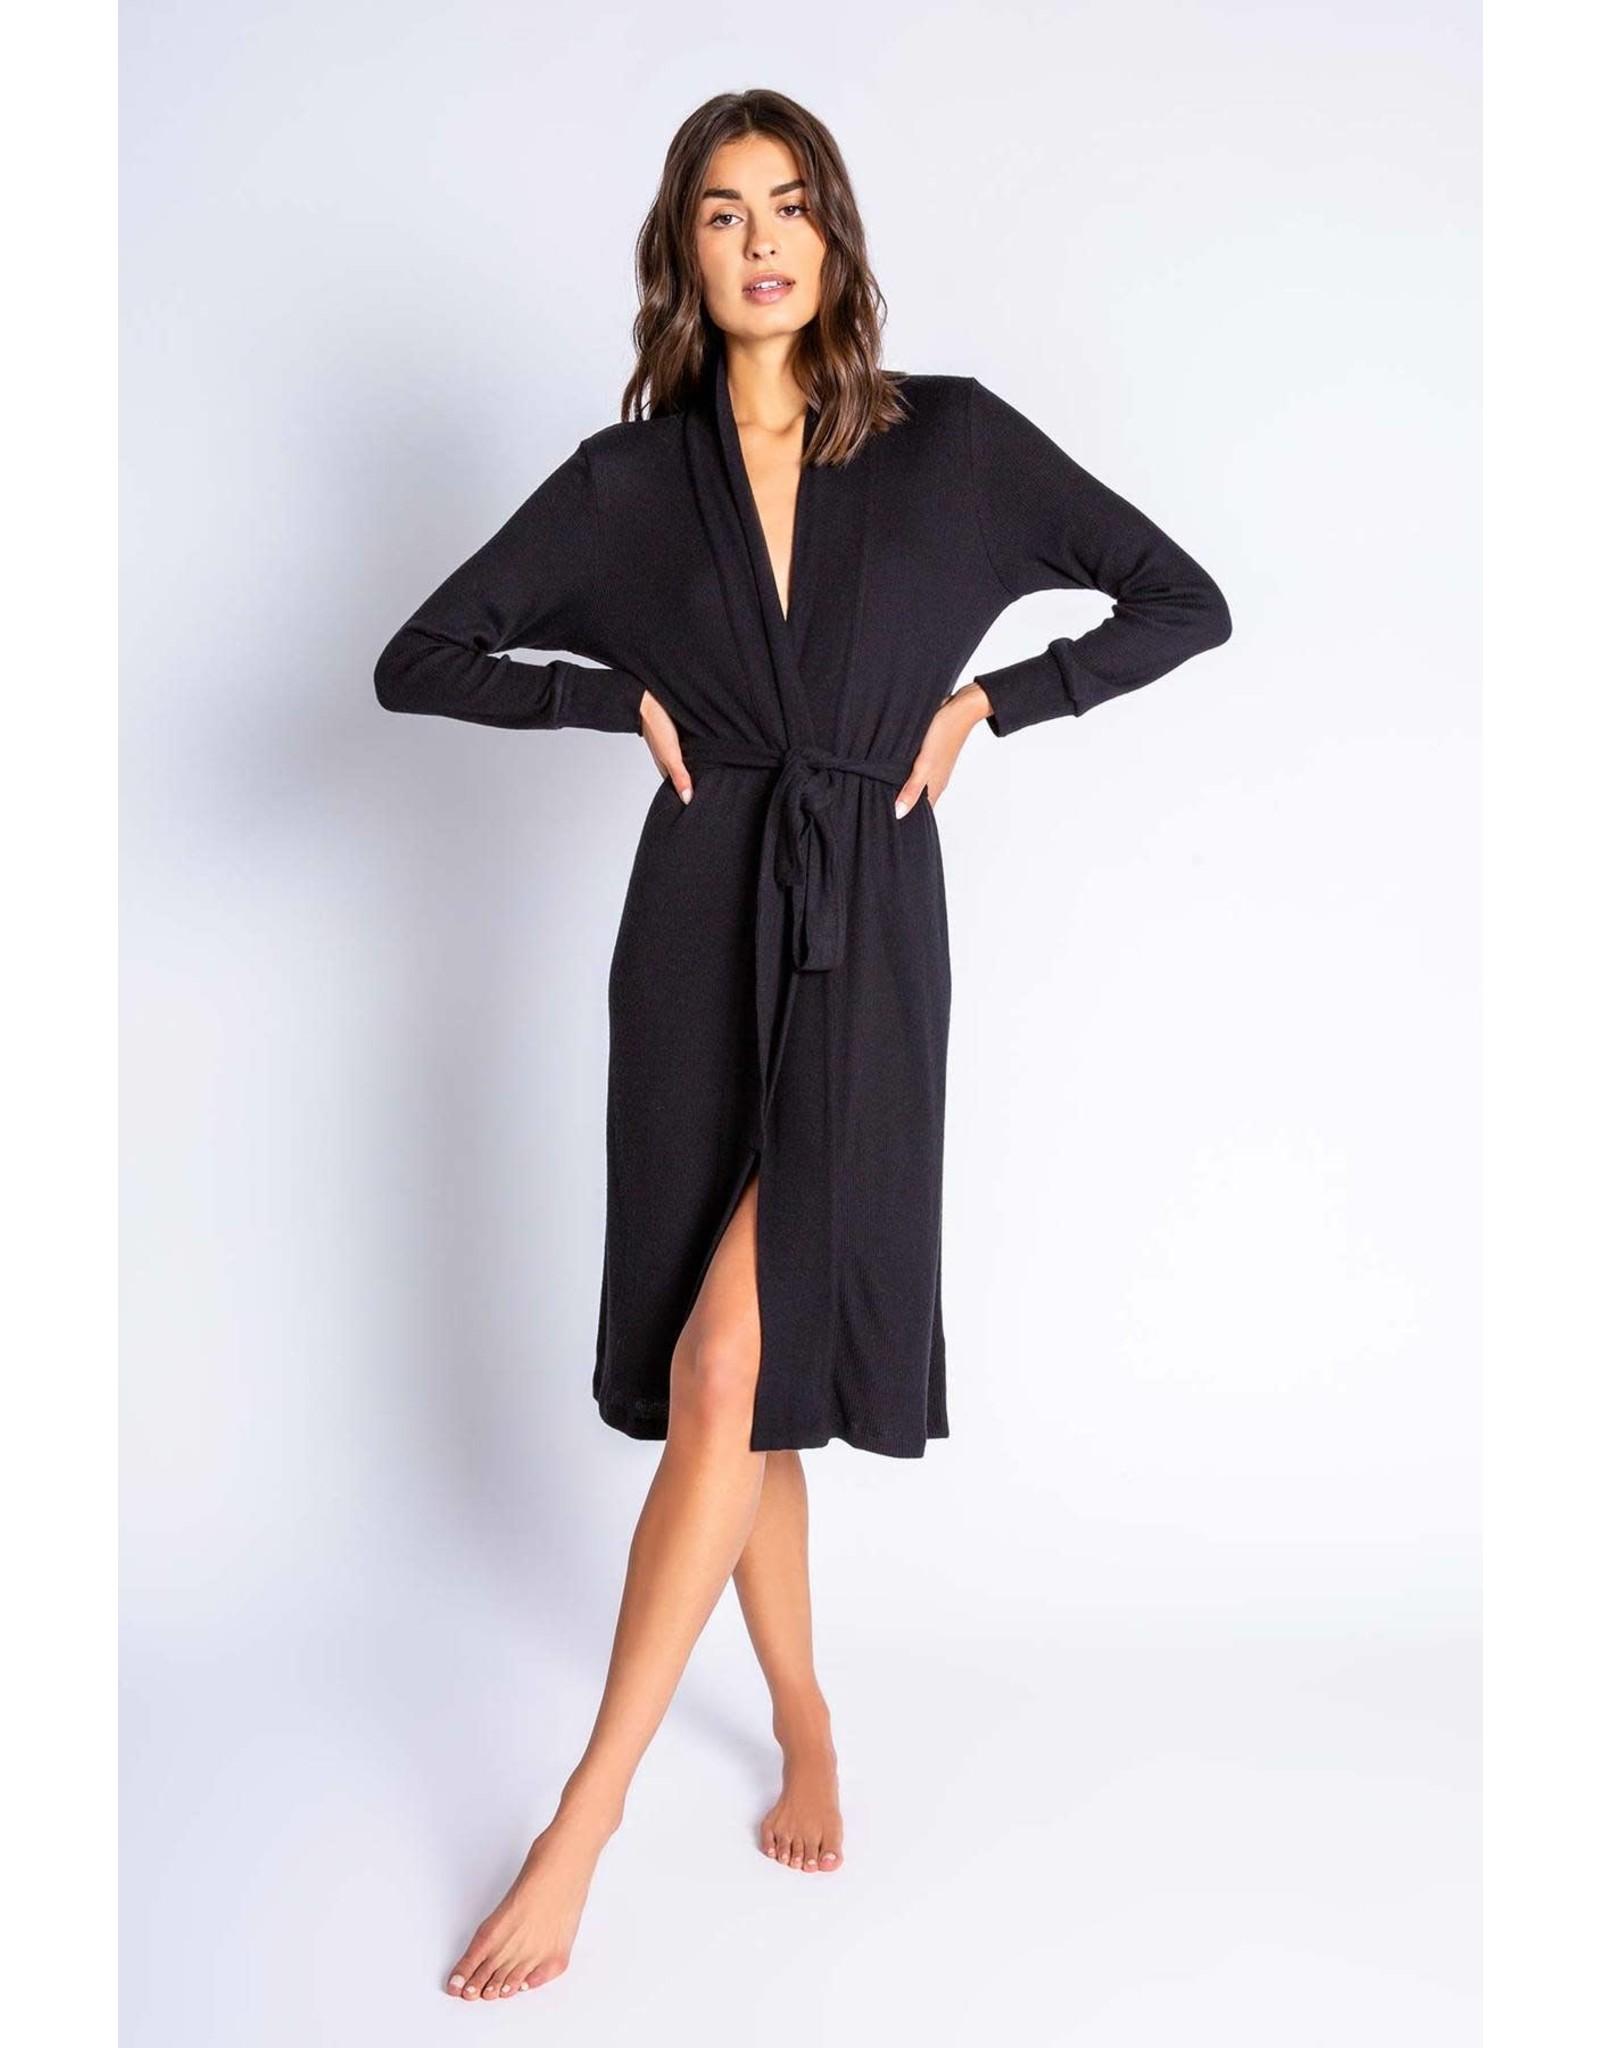 PJ Salvage PJ Salvage Textured Basics Robe